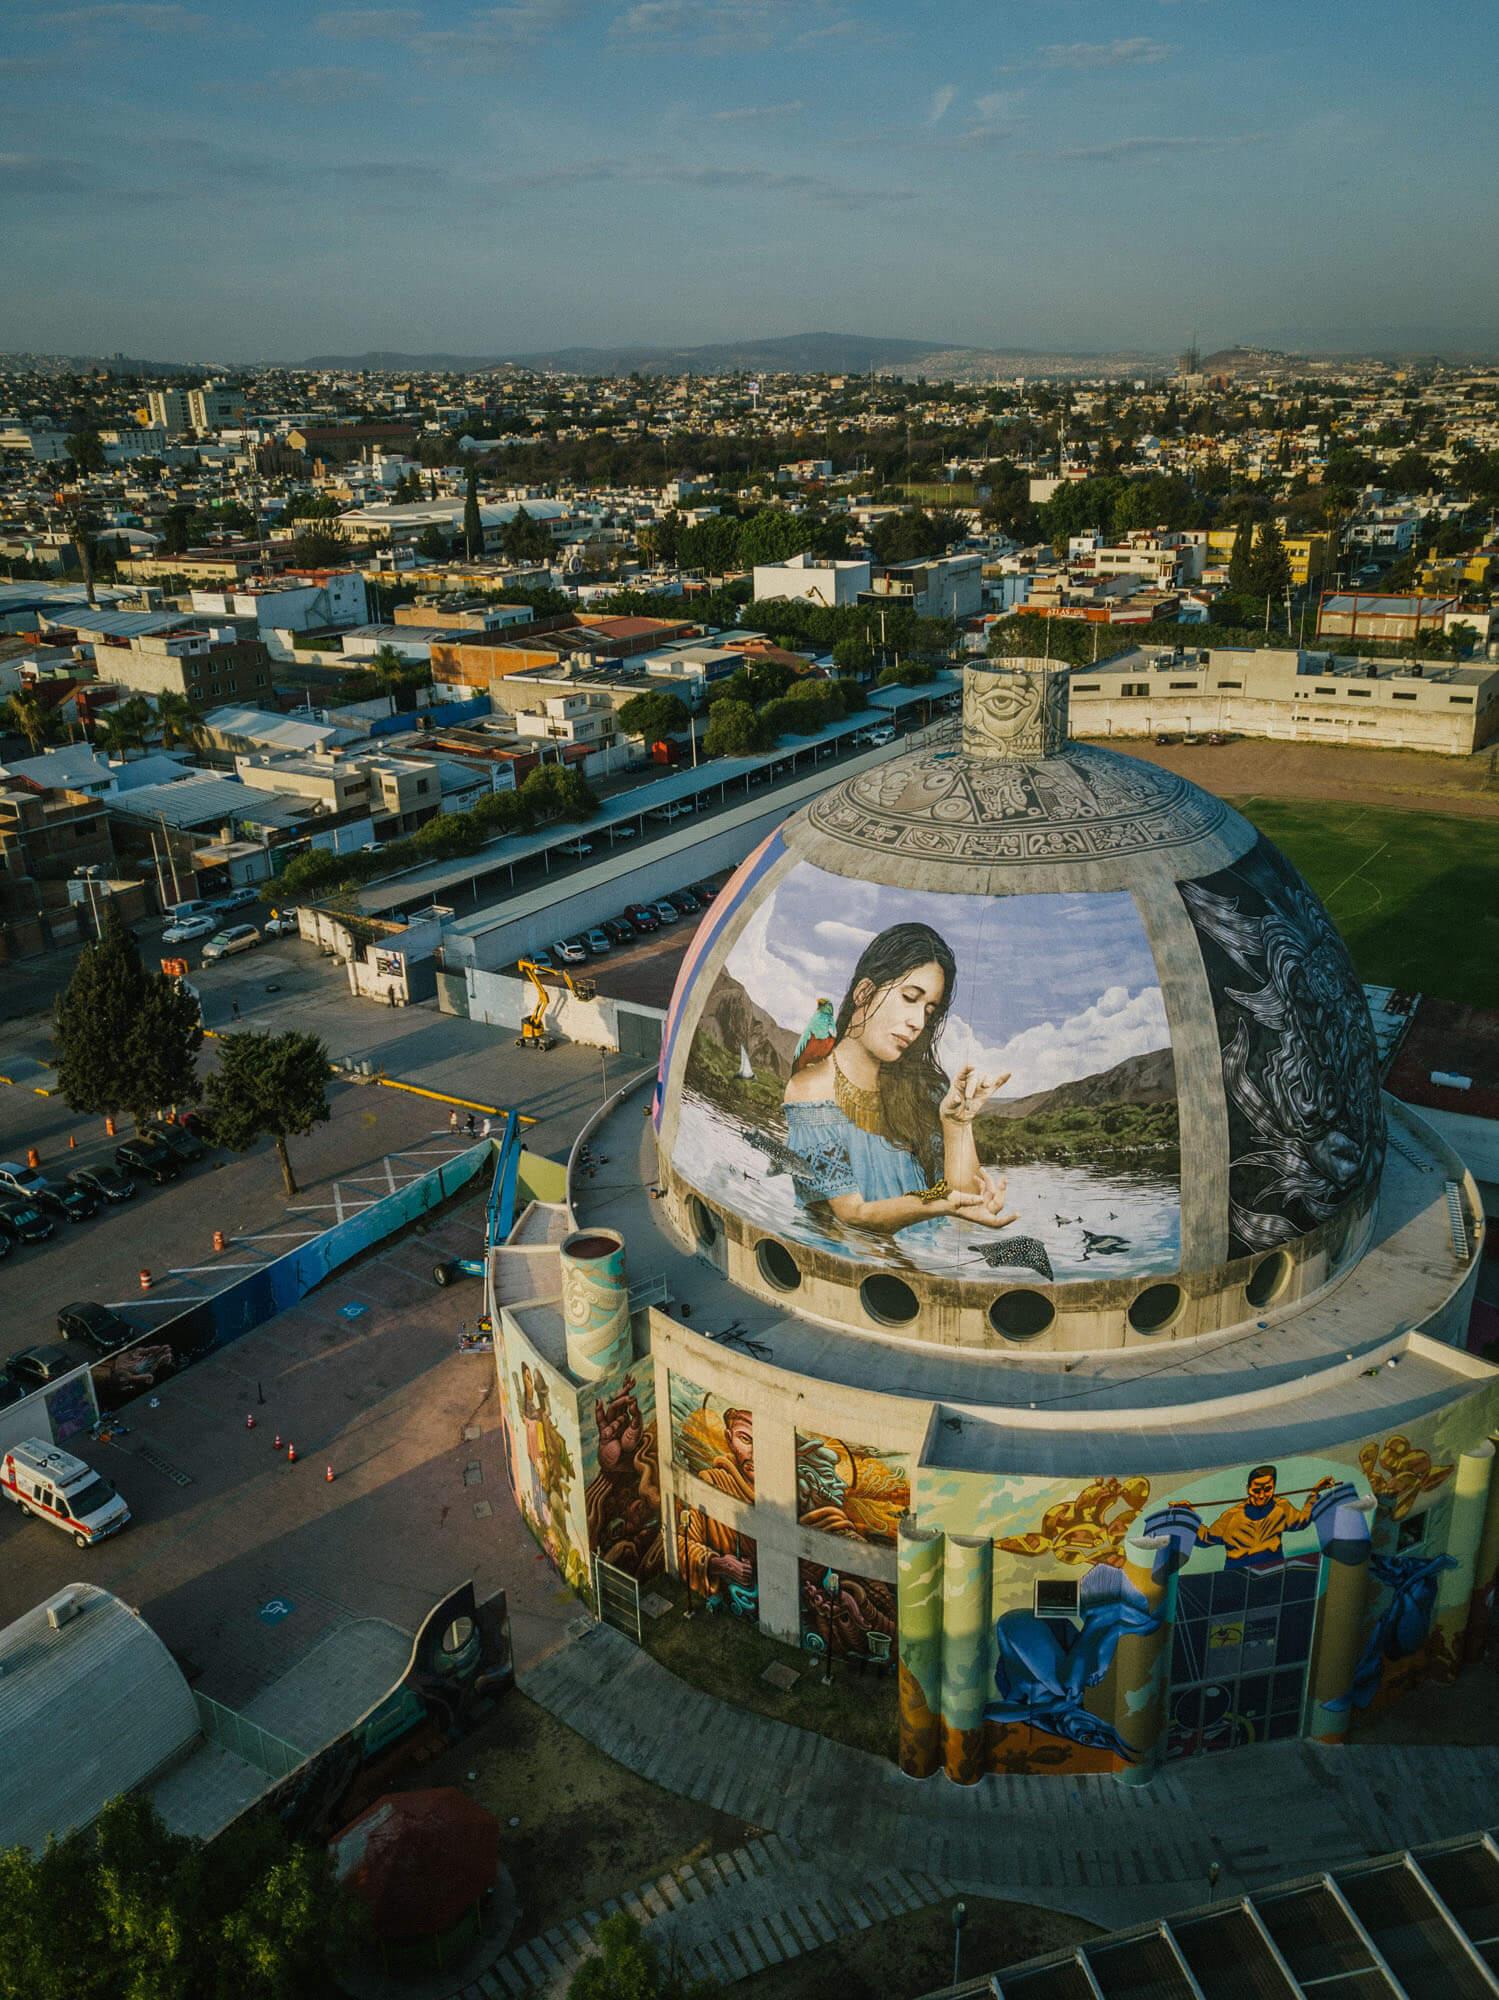 mural El baile del agua de Mantra en Querétaro